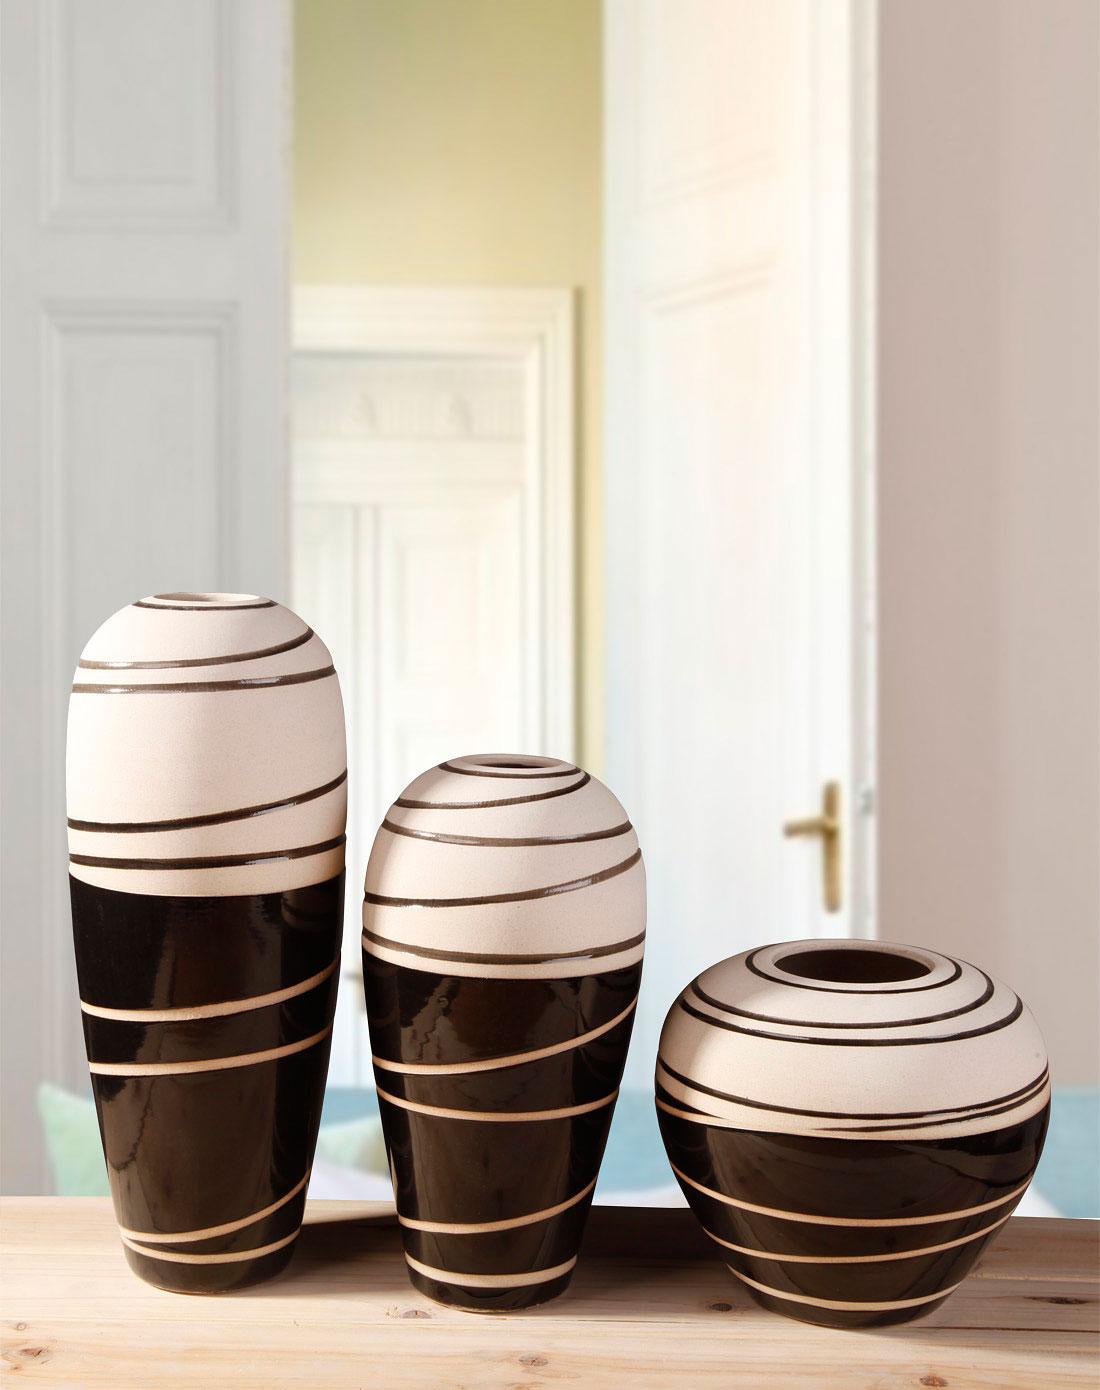 雅工坊景德镇陶瓷花瓶-沐风听月吟(高)602020051_唯品图片